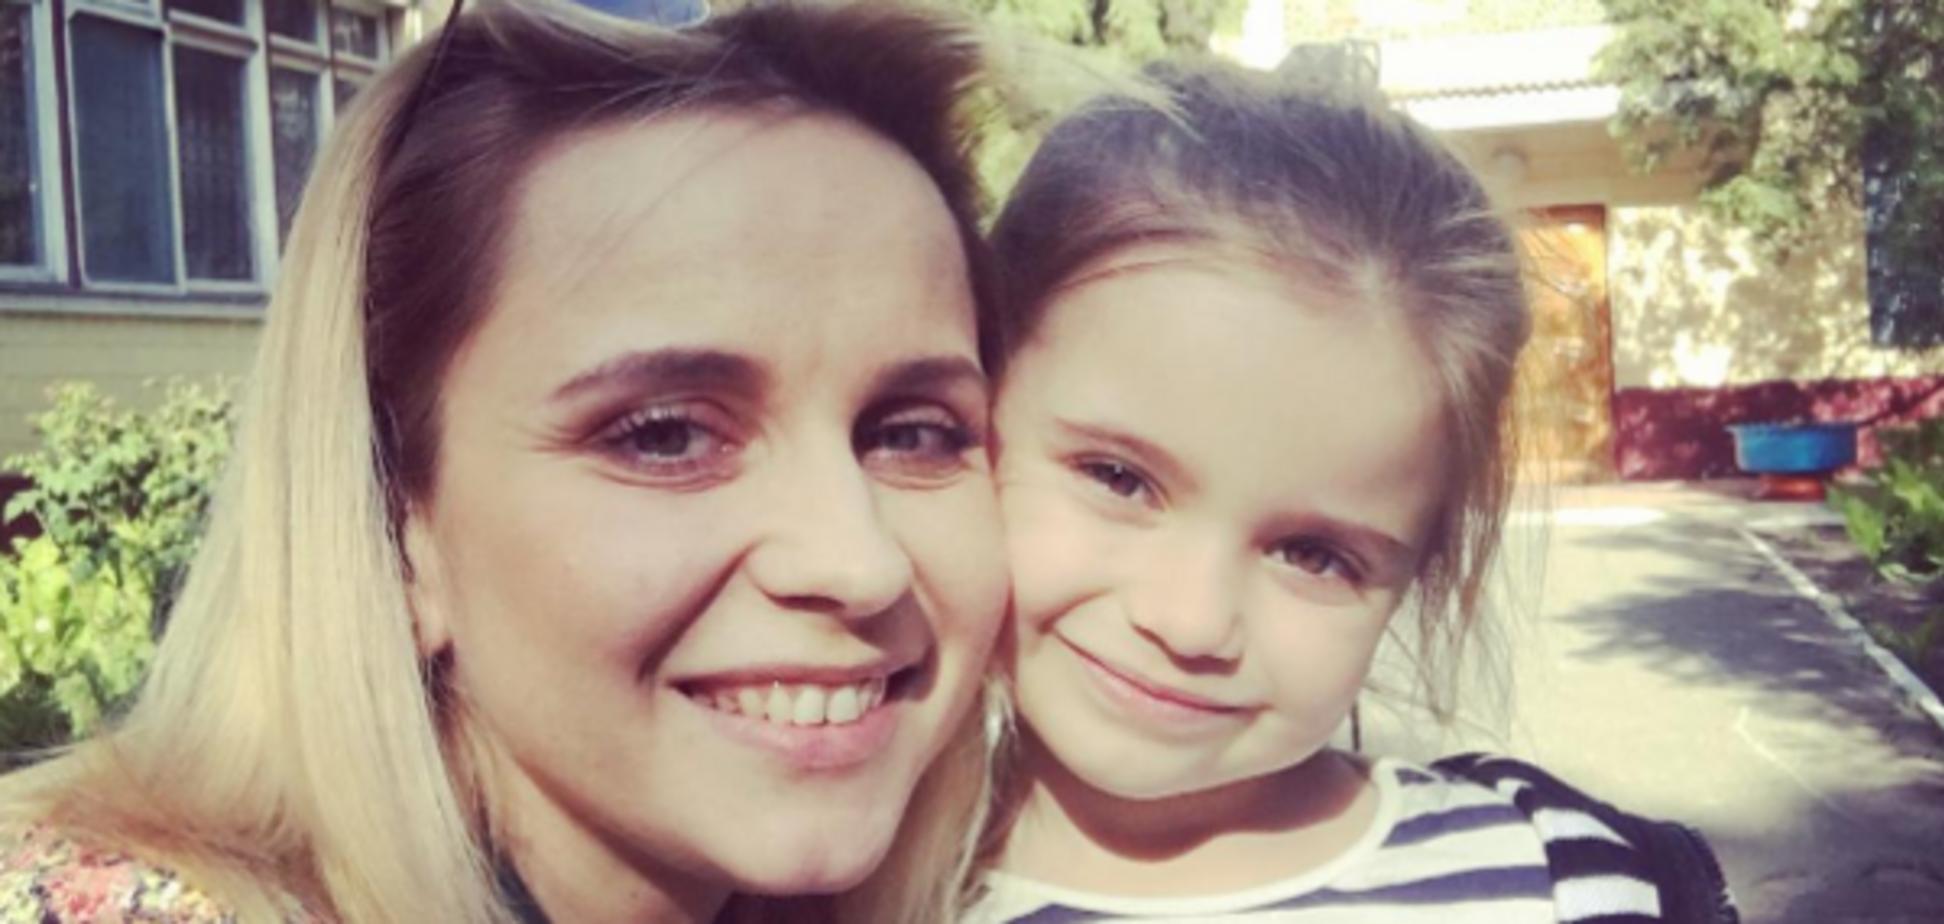 Діти не брешуть: Лілія Ребрик розповіла, як легко дізнатися про відносини вихователя і дитини